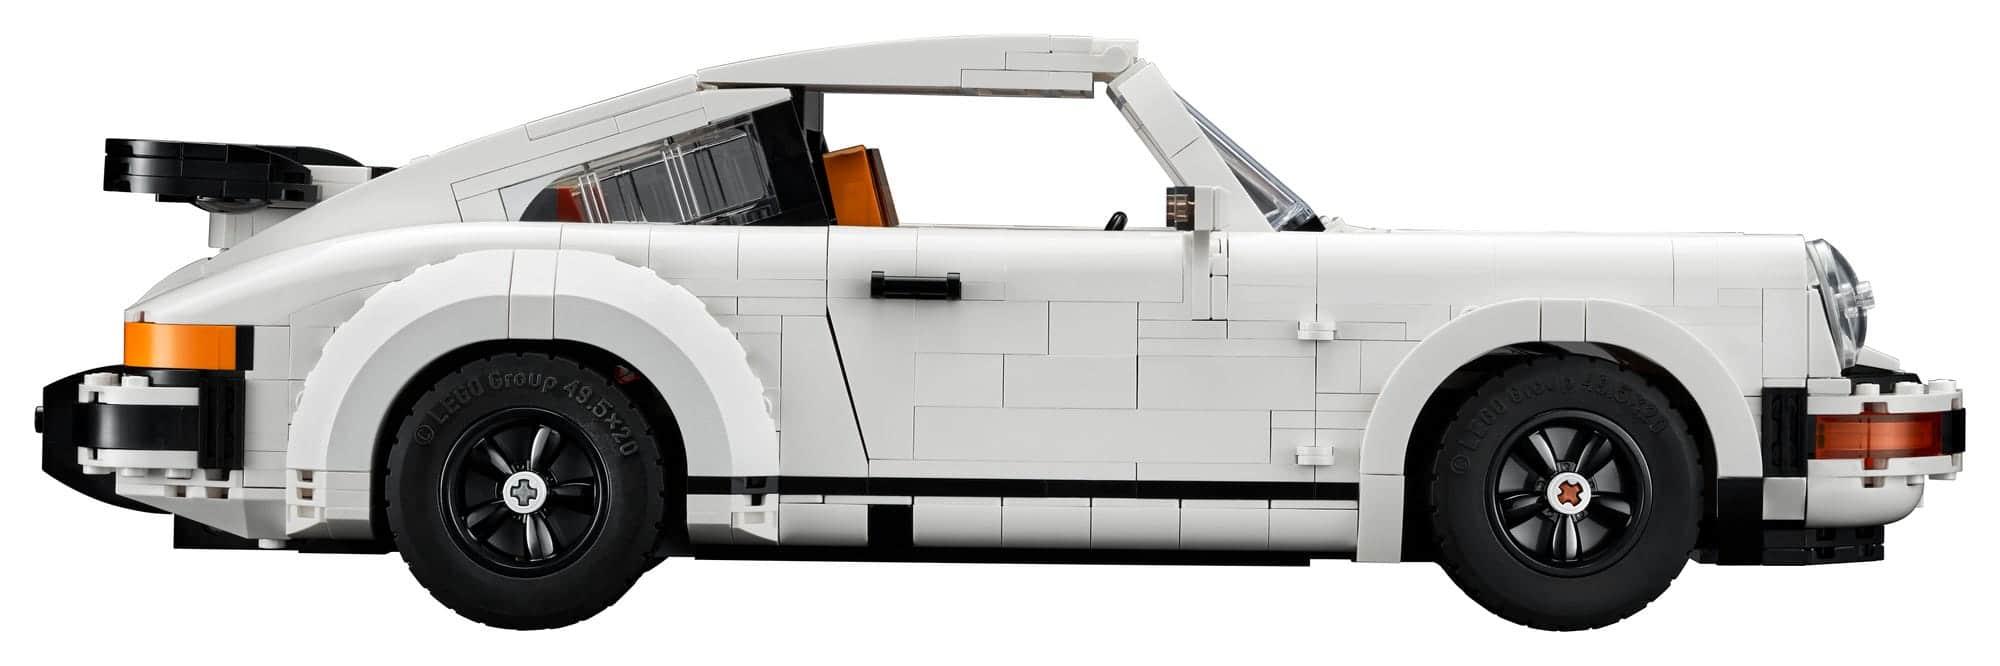 LEGO 10295 Porsche 911 (10)